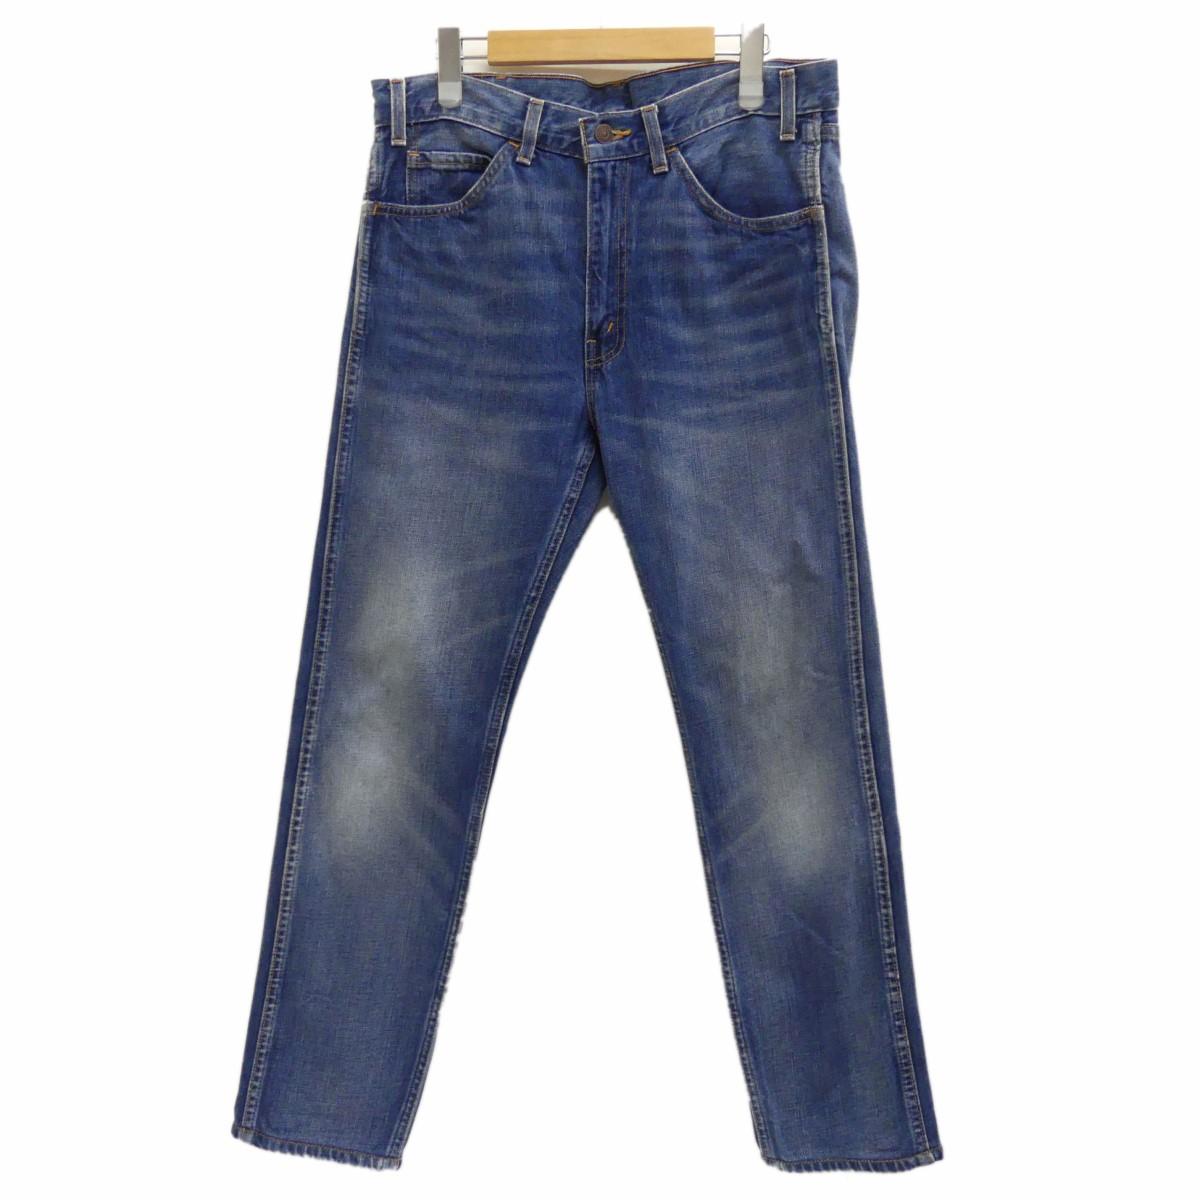 【中古】LEVIS VINTAGE CLOTHING 606 A00342 ヴィンテージ加工デニム インディゴ サイズ:32 【281019】(リーバイスヴィンテージクロージング)